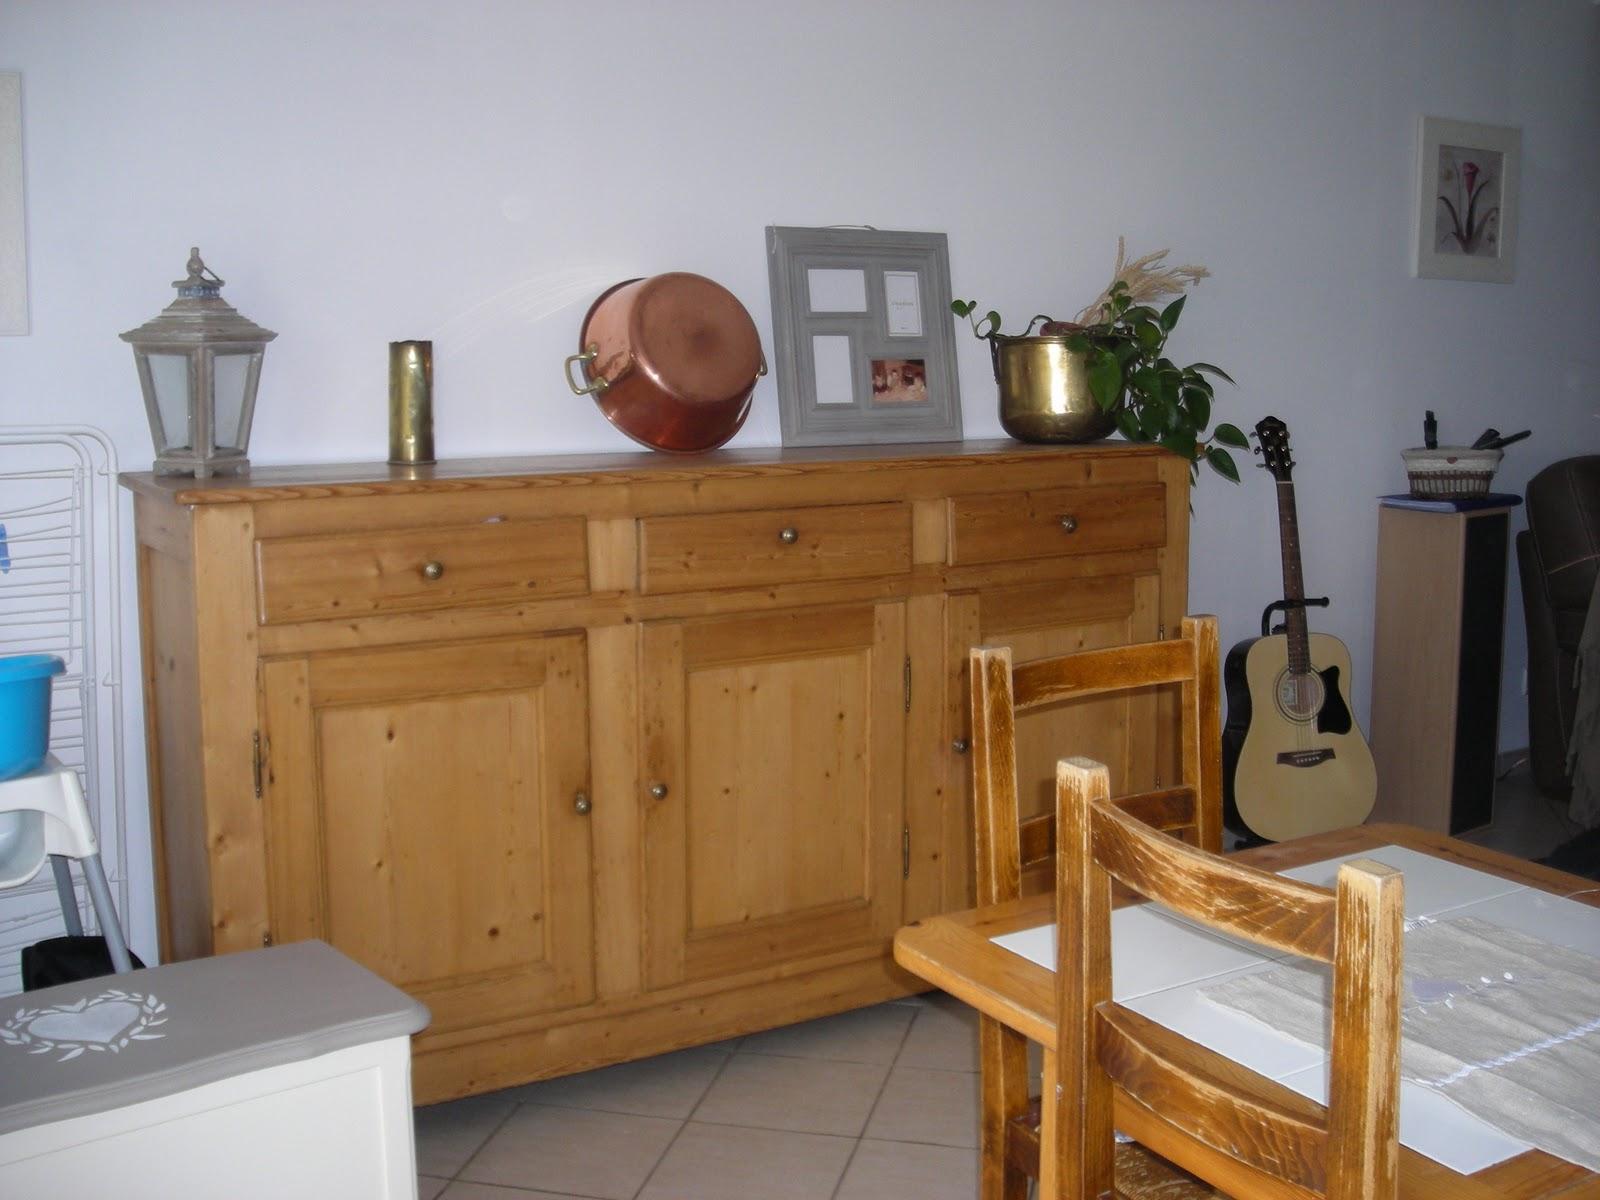 #714722 L'Atelier Déco Du Capagut: Septembre 2011 3535 salle à manger déco tendance 1600x1200 px @ aertt.com